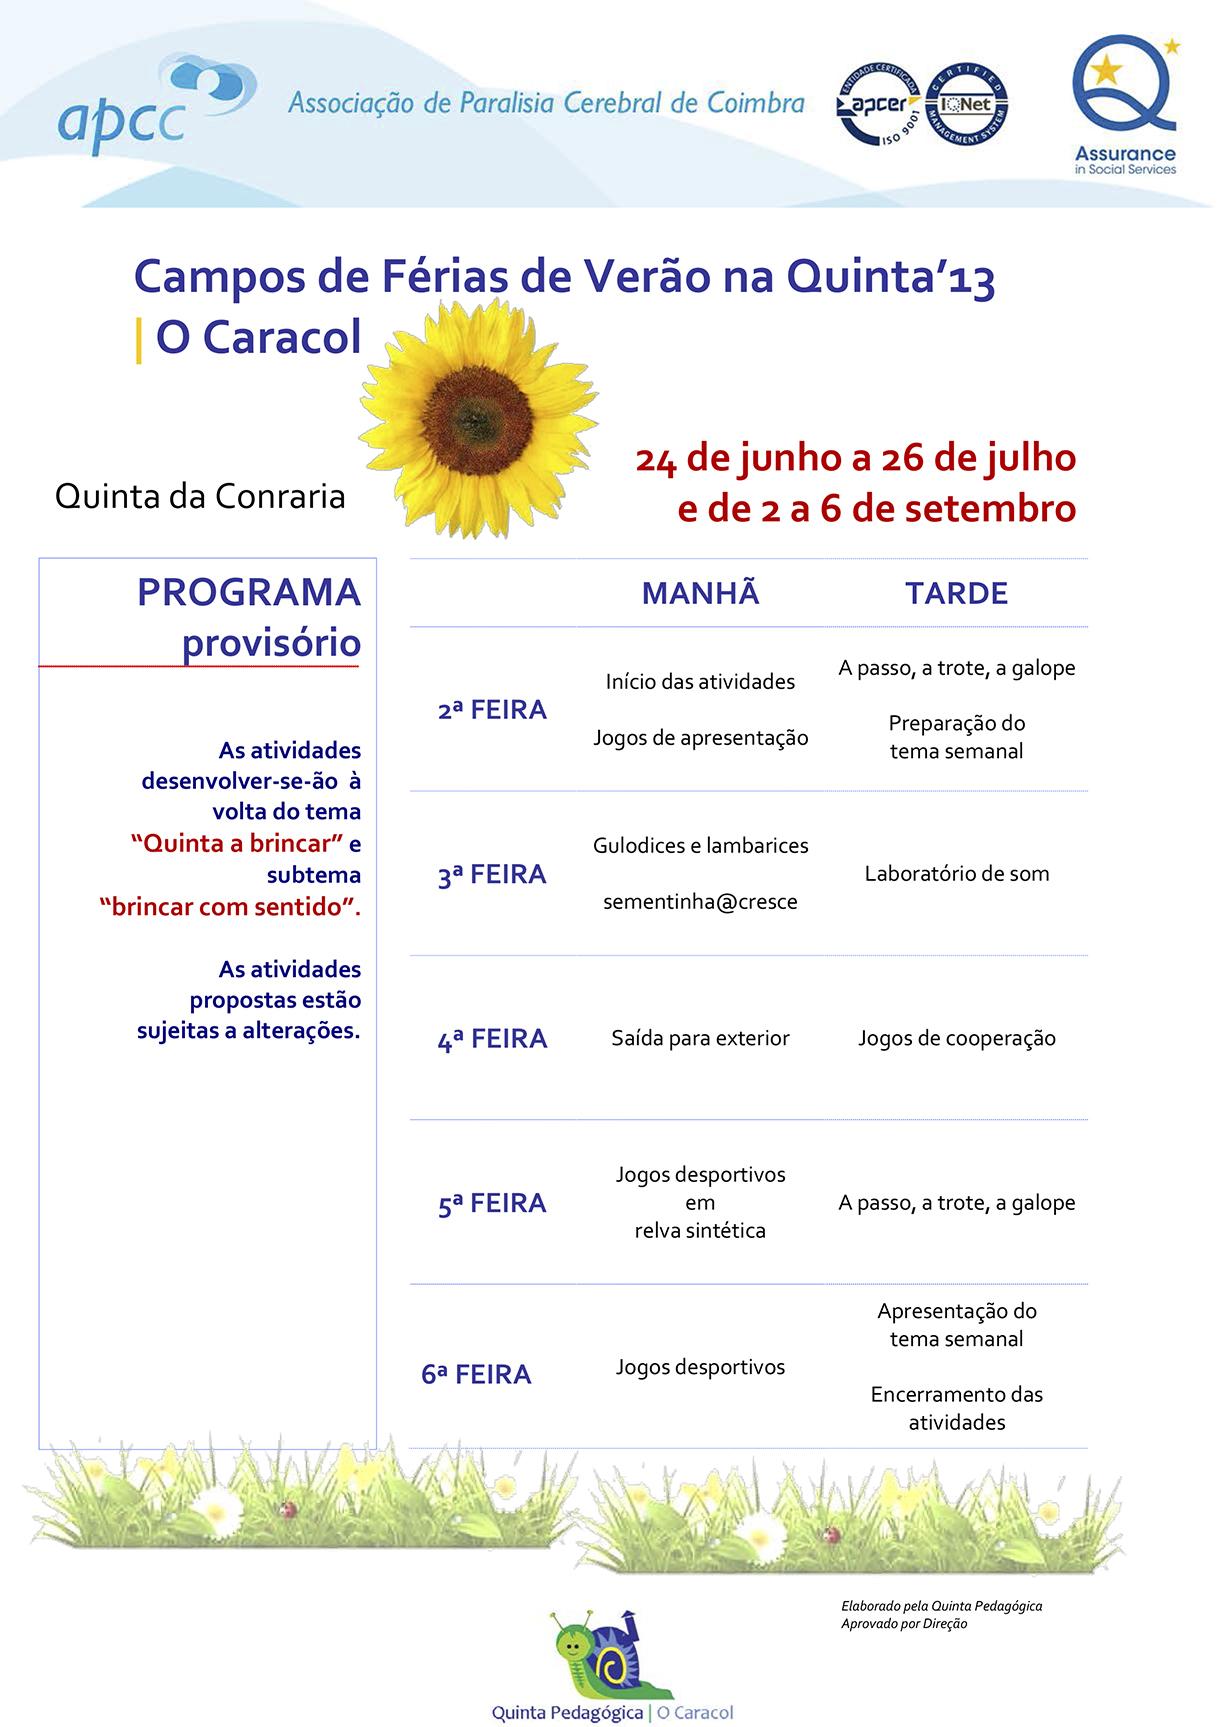 QUESTIONÁRIO DE AVALIAÇÃO DA SATISFAÇÃO DOS UTENTES/ CLIENT